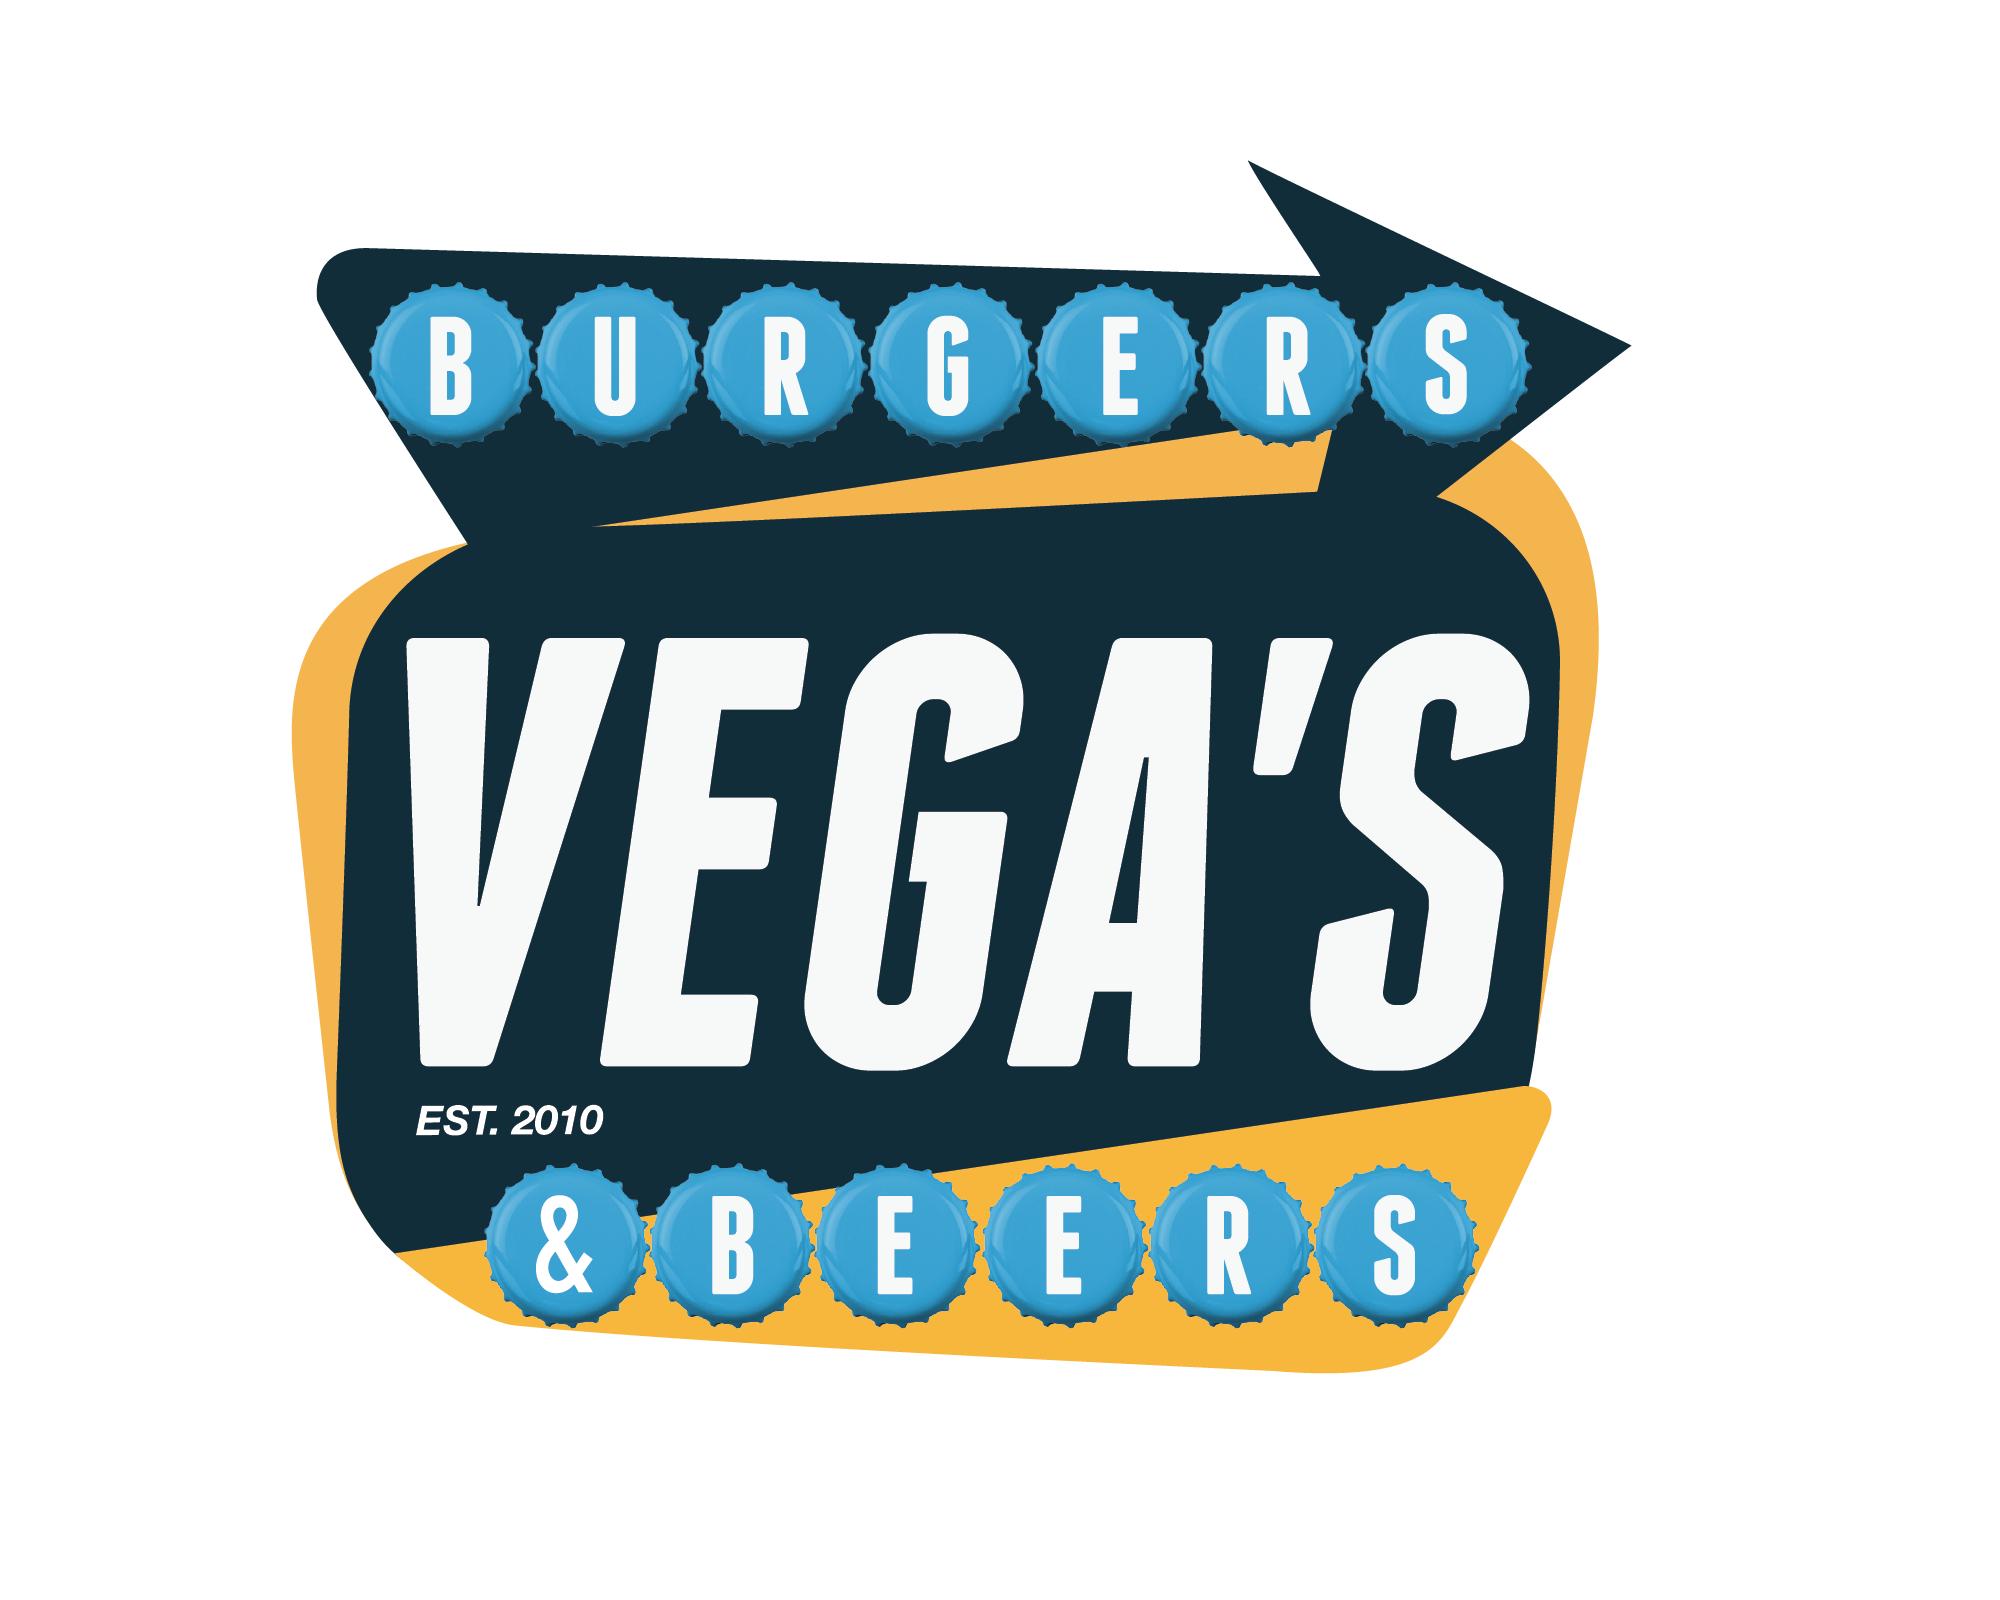 VEGA'S Burgers & Beers. Branding